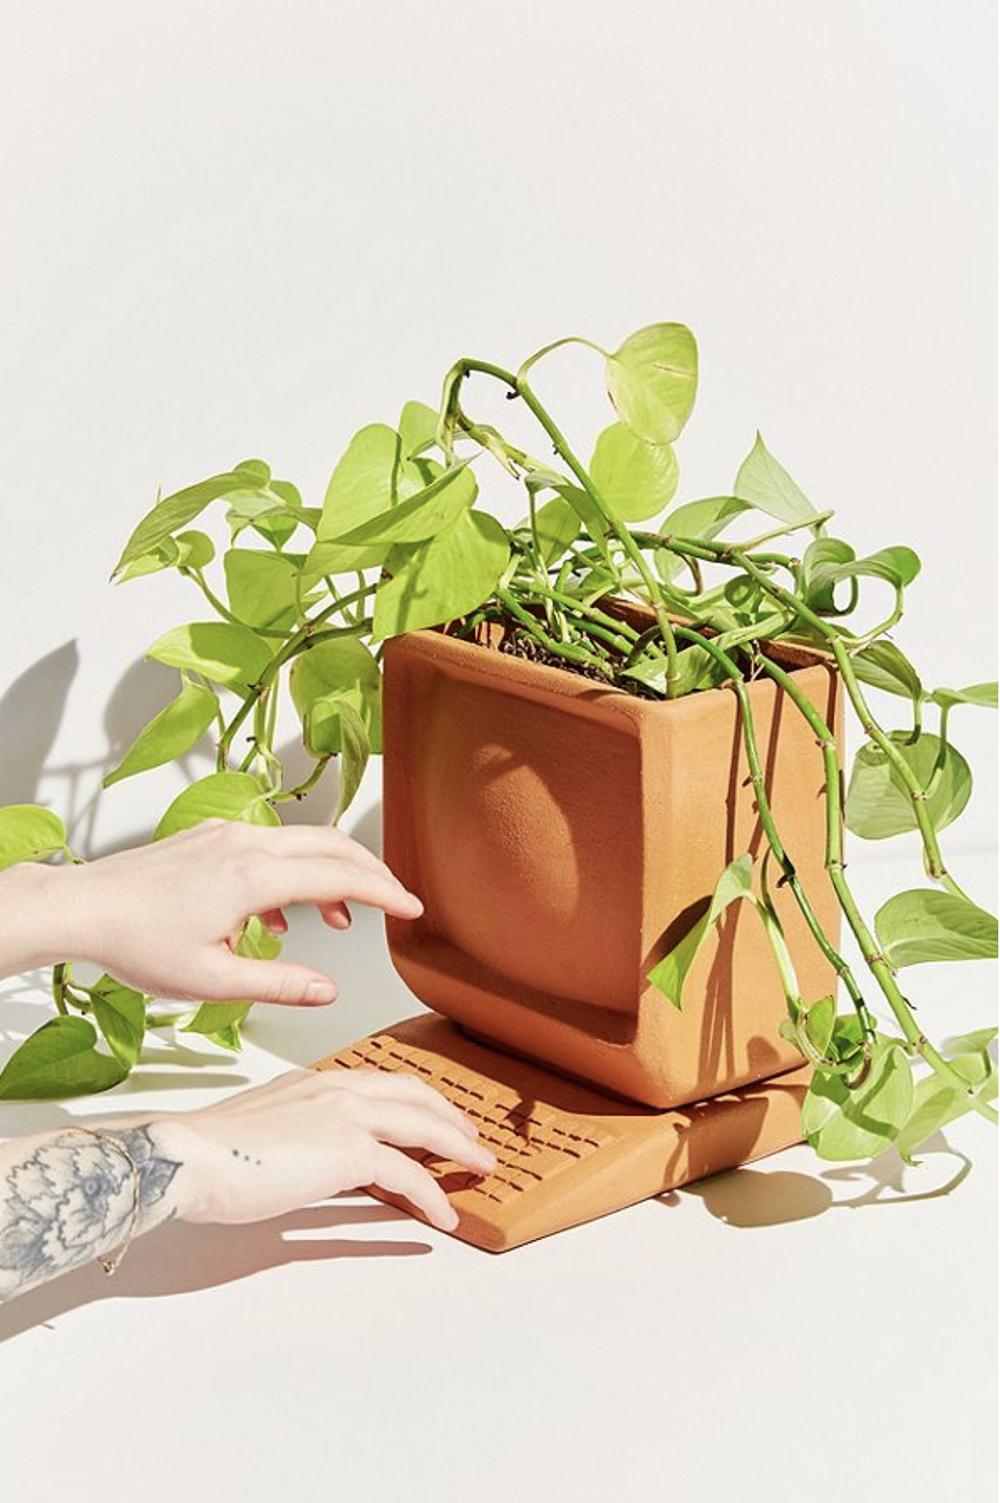 當電腦主機鍵盤變成盆栽時